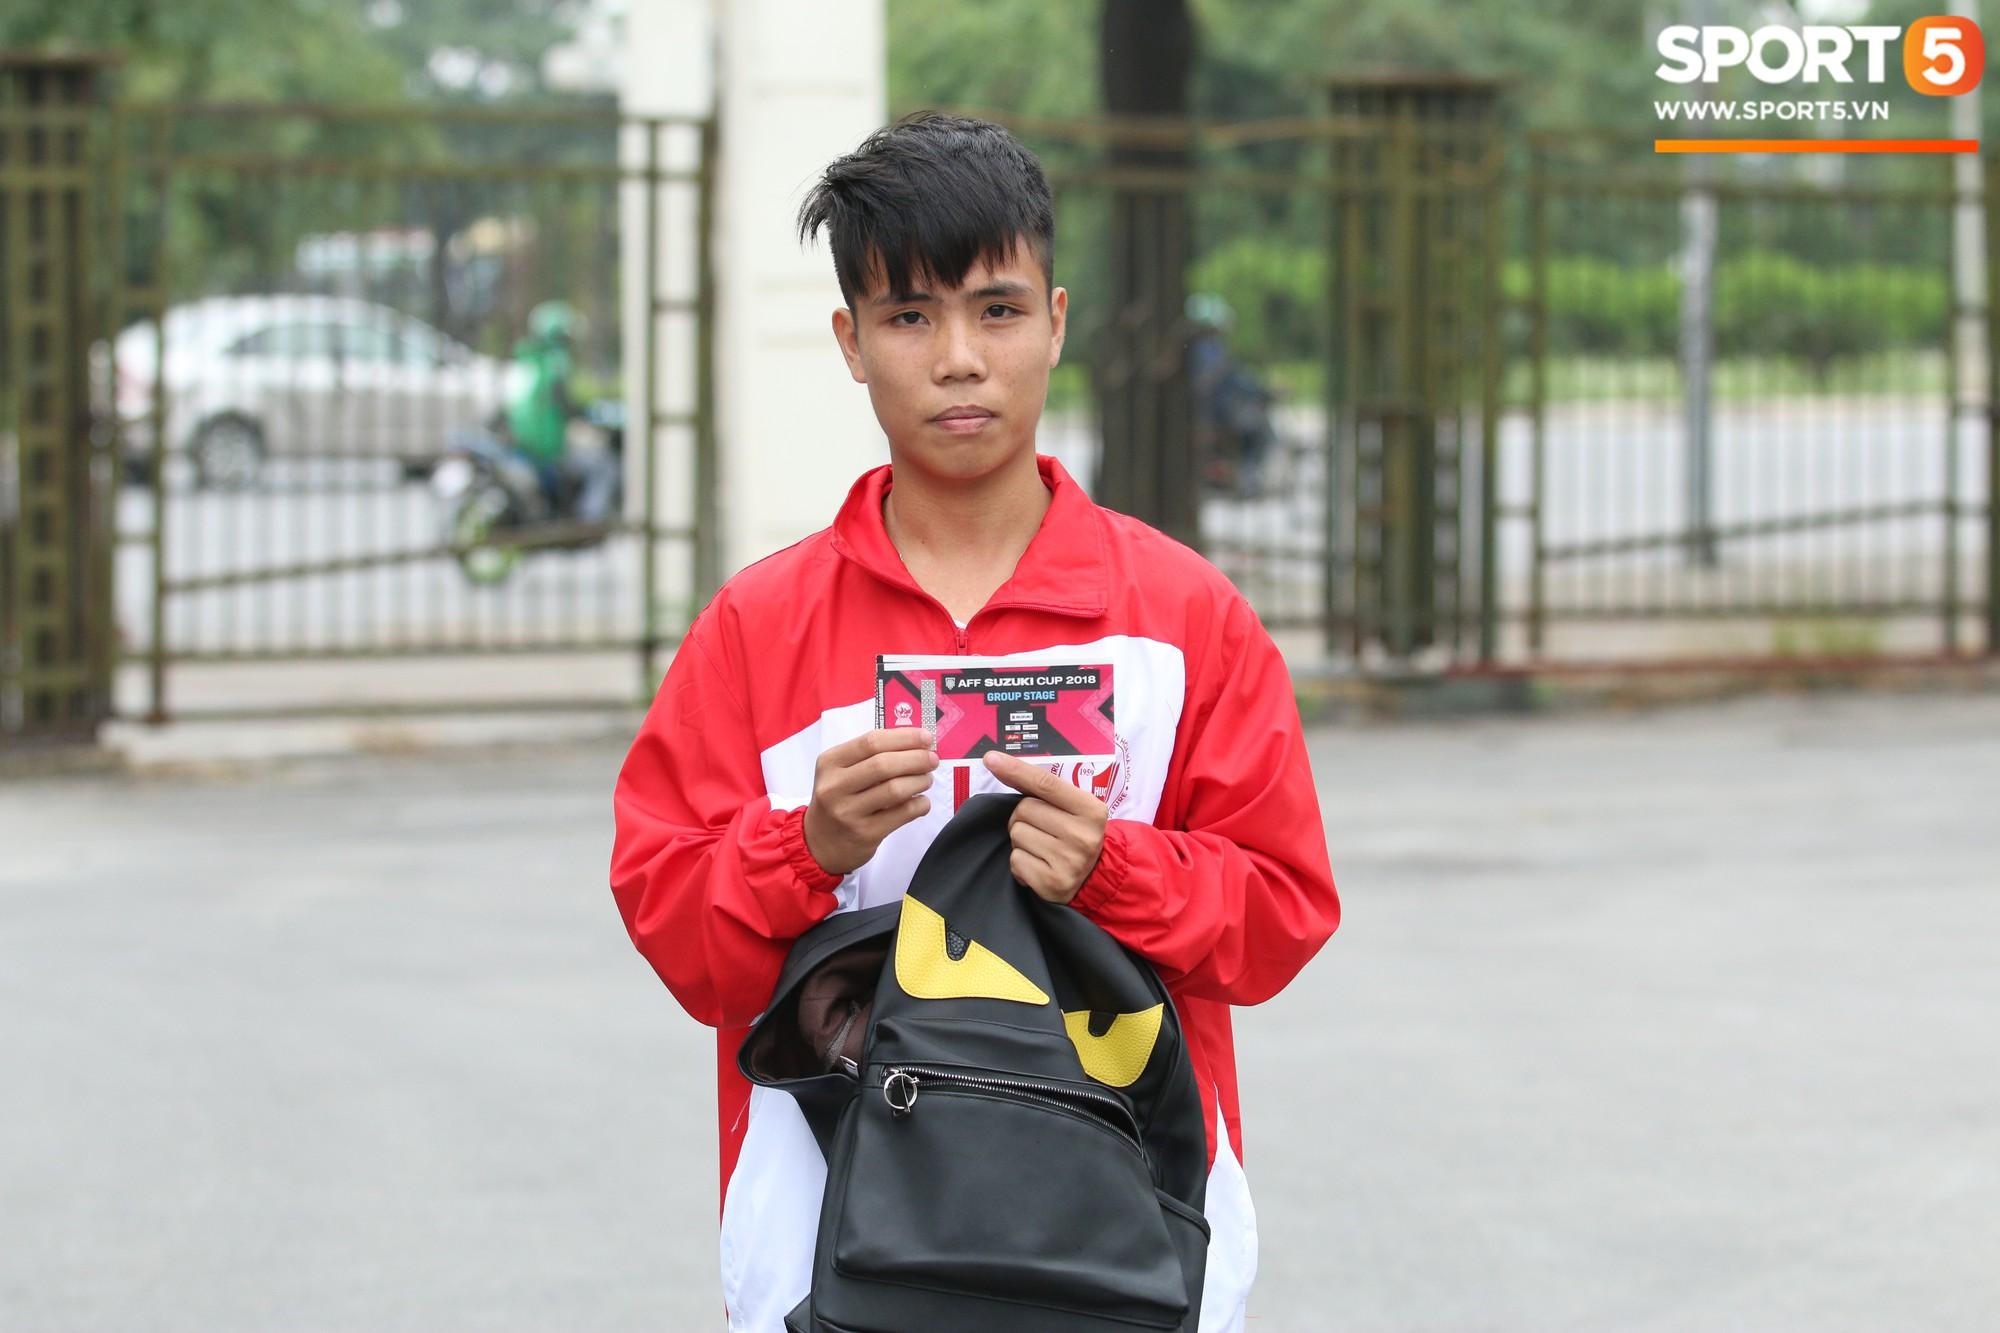 Bán vé AFF CUP 2018 trận Việt Nam - Malaysia trên Sân Mỹ Đình - Ảnh 5.